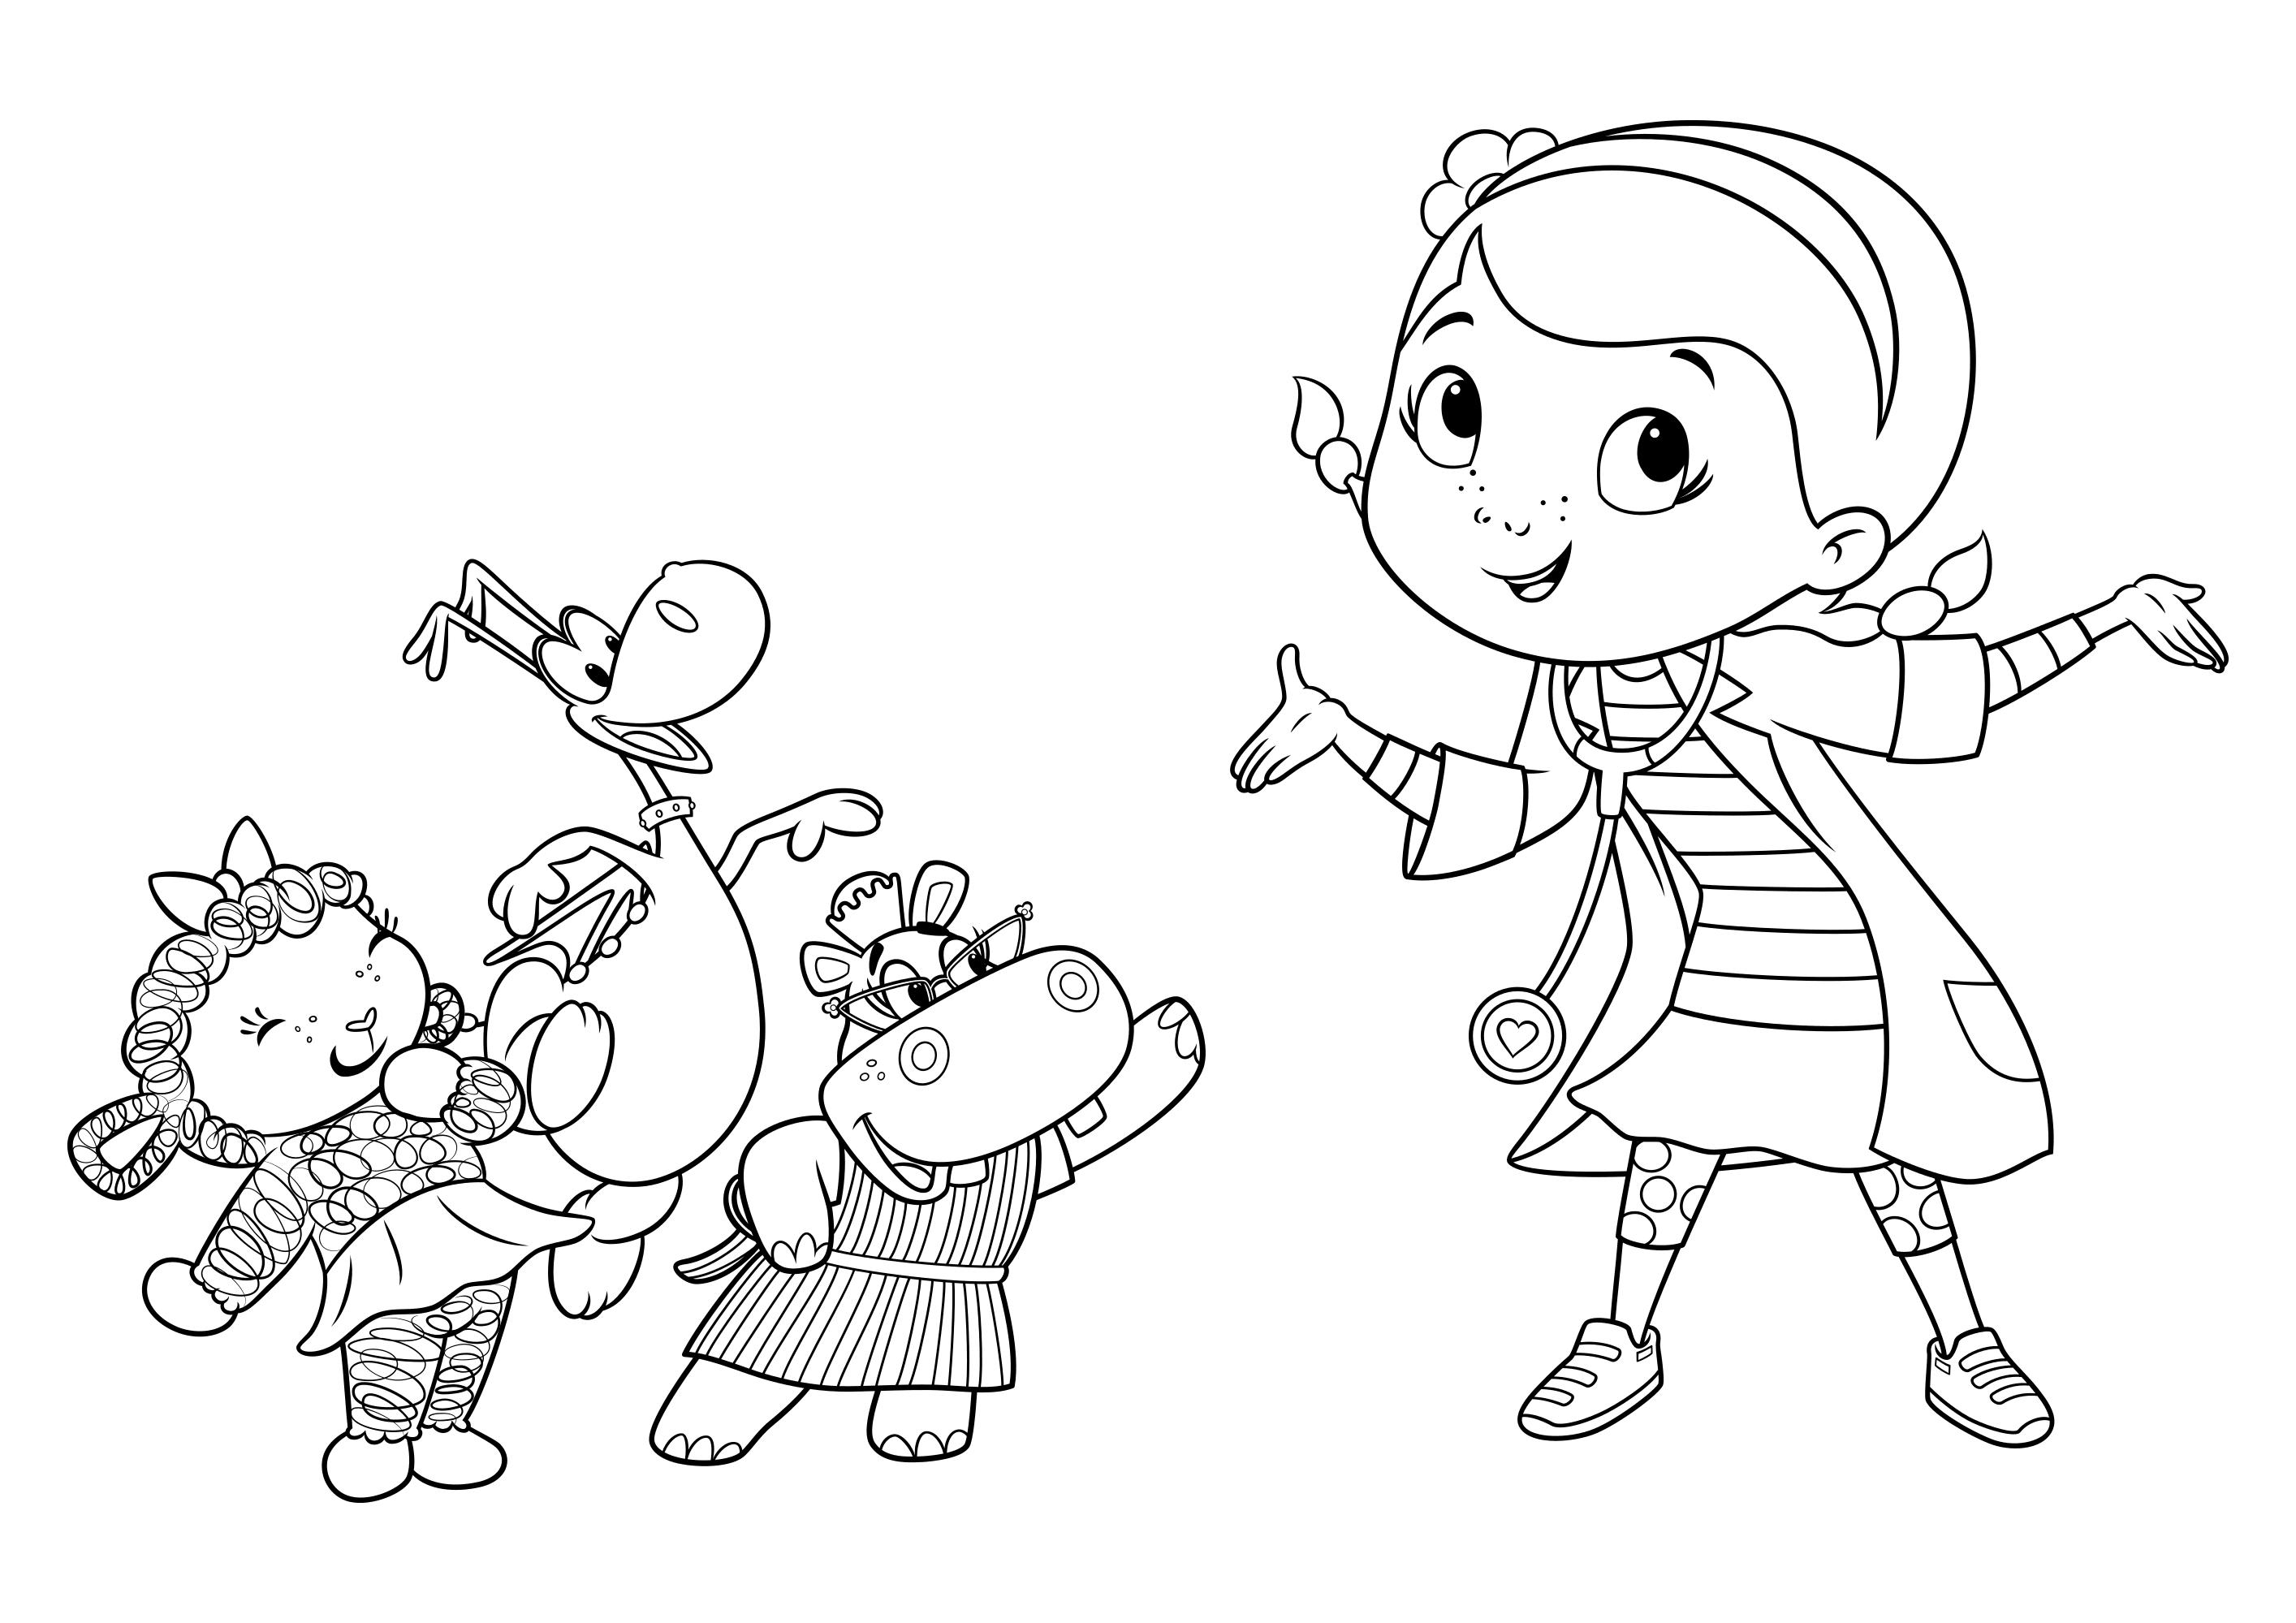 Раскраска для детей онлайн бесплатно играть